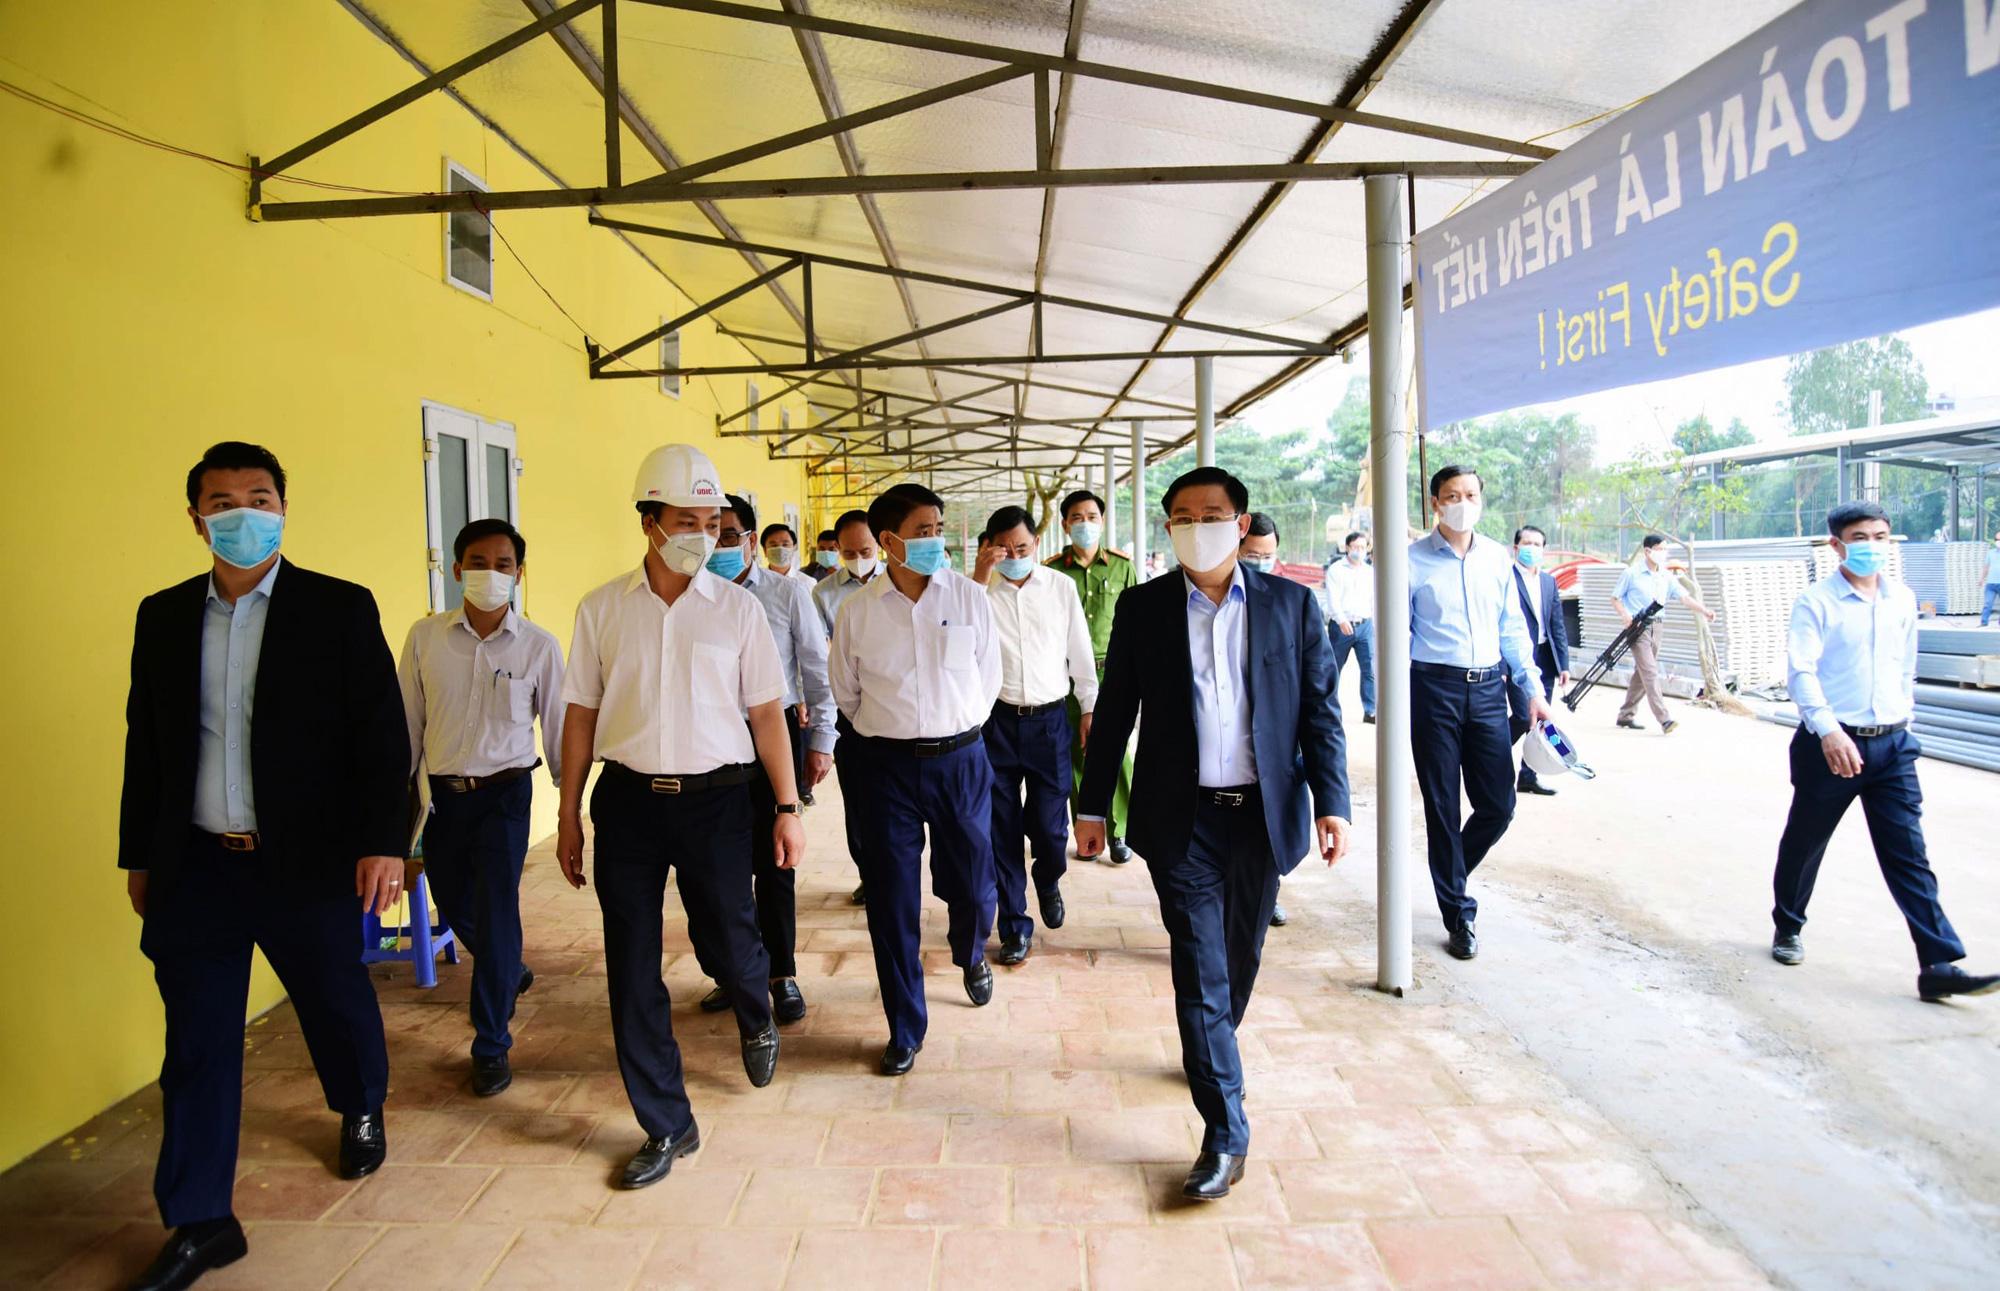 Hà Nội sửa xong bệnh viện bỏ hoang ở Mê Linh làm khu cách li chống dịch Covid-19 - Ảnh 15.